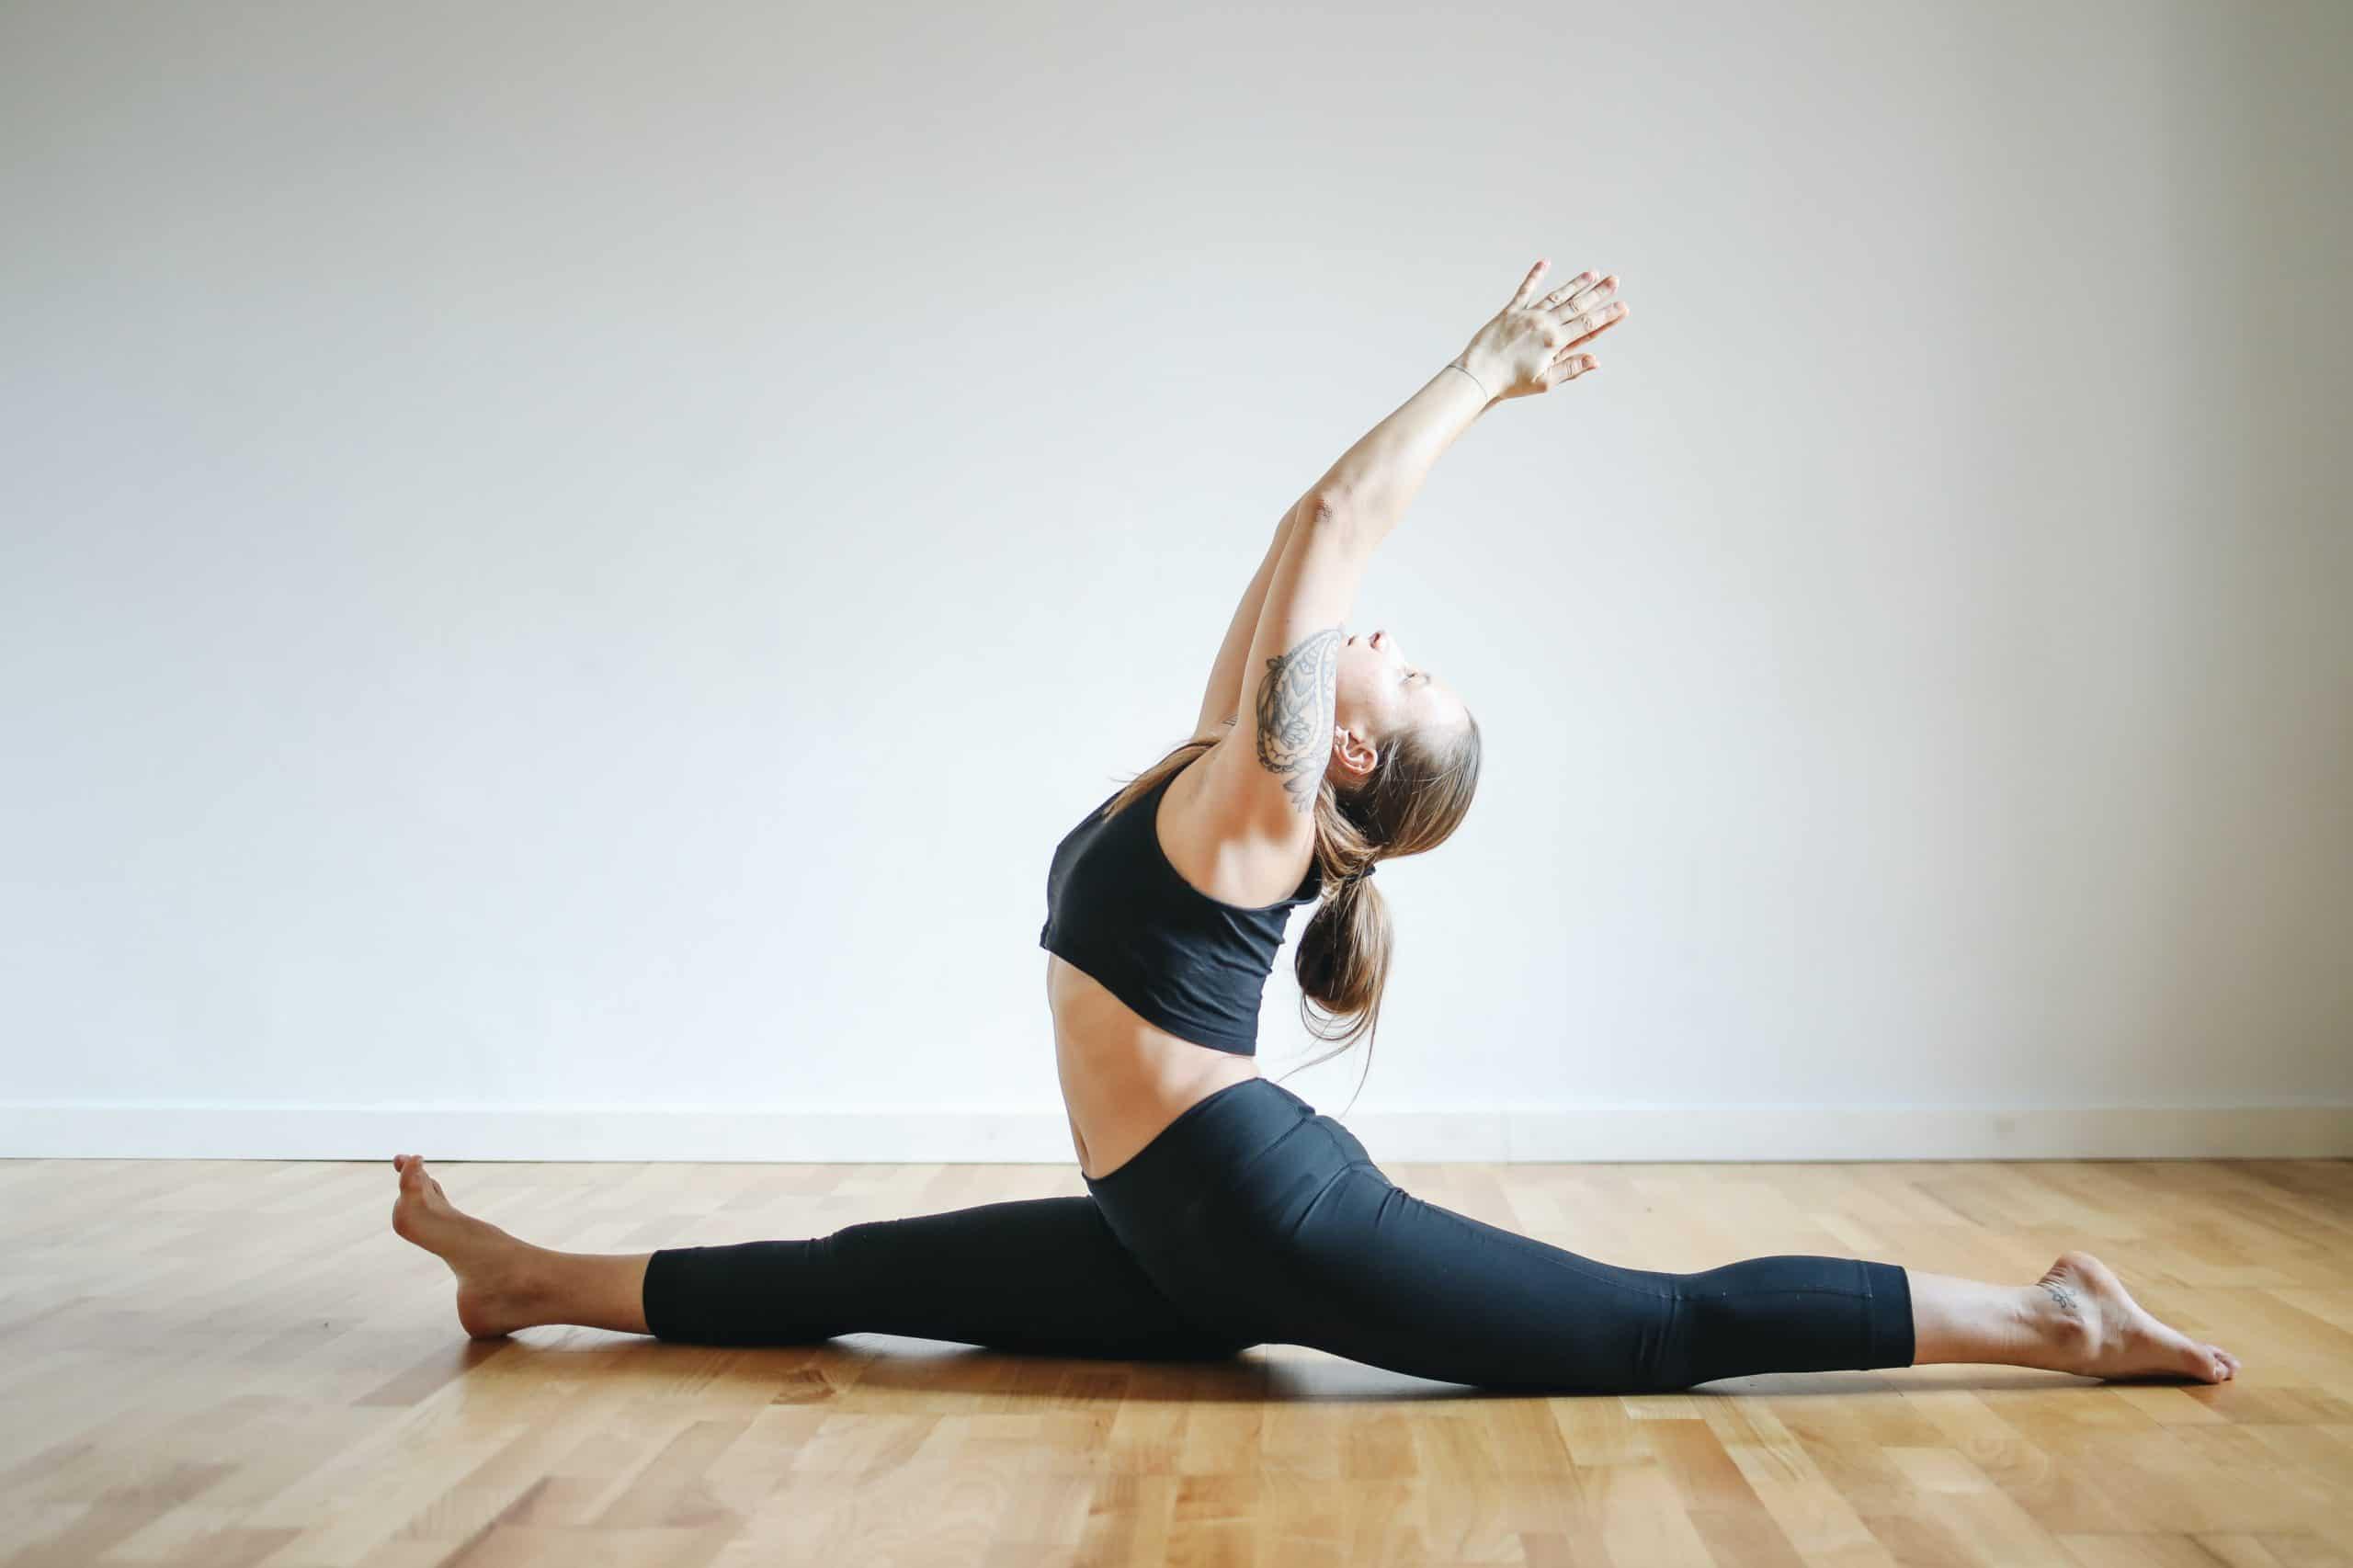 Yoga funktioniert super in den eigenen vier Wänden